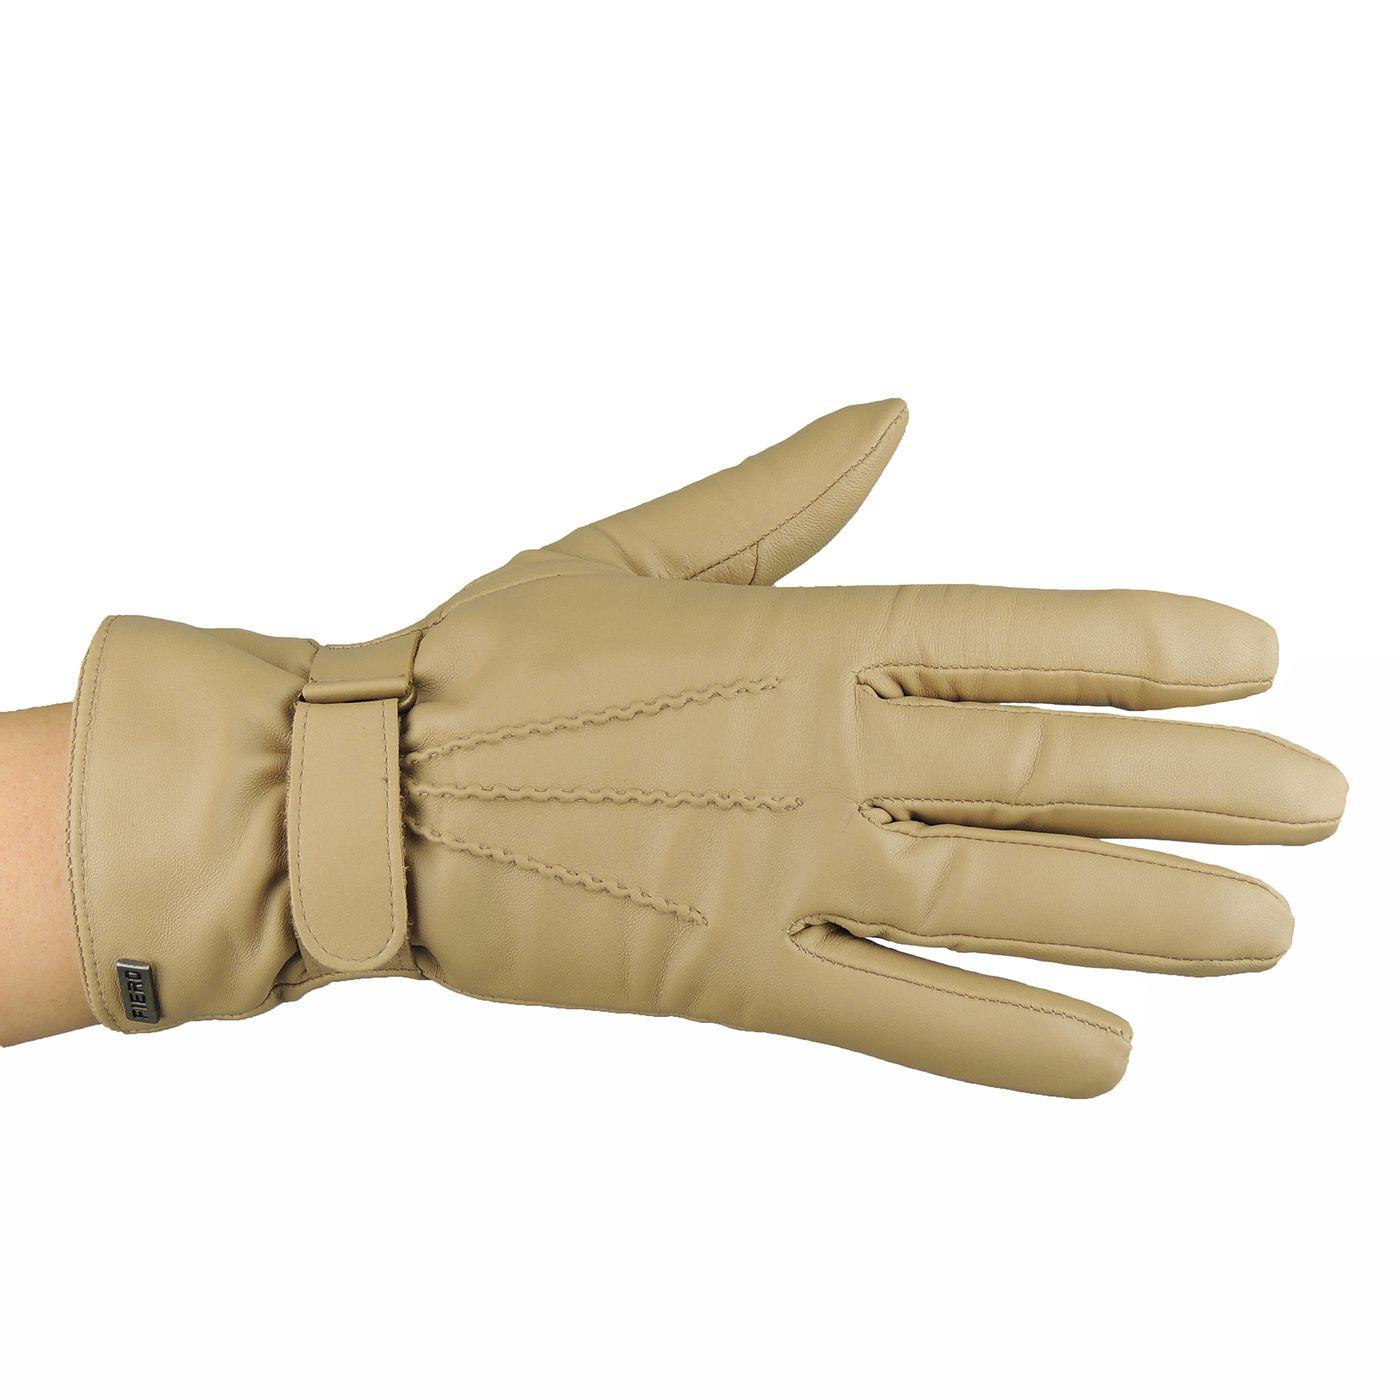 Luva Feminina de pelica com ajuste de velcro para o inverno - fieroshop d3c6d3a8082